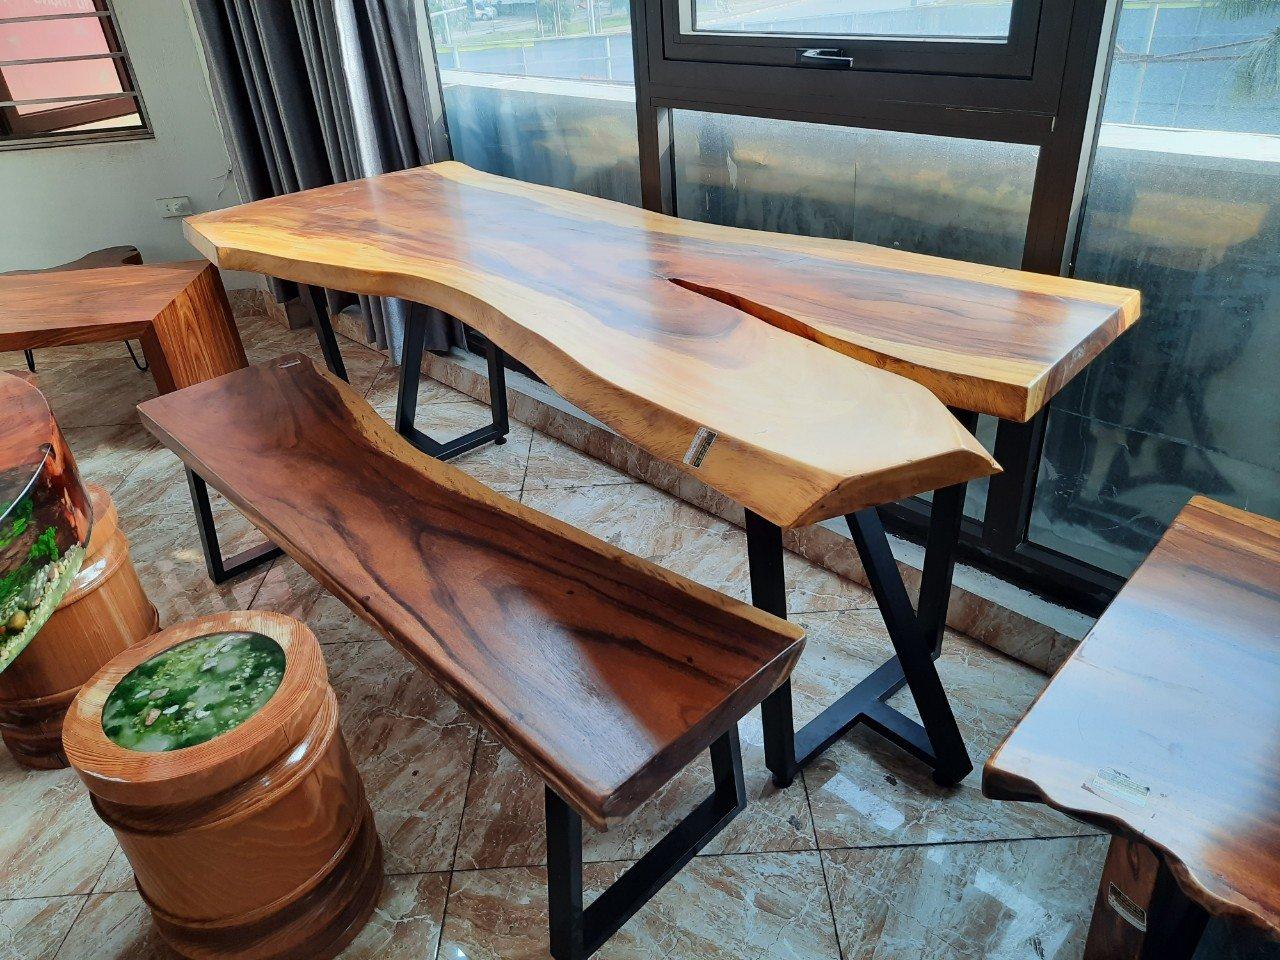 Bàn gỗ me tây được sử dụng ở nhiều không gian của ngôi nhà